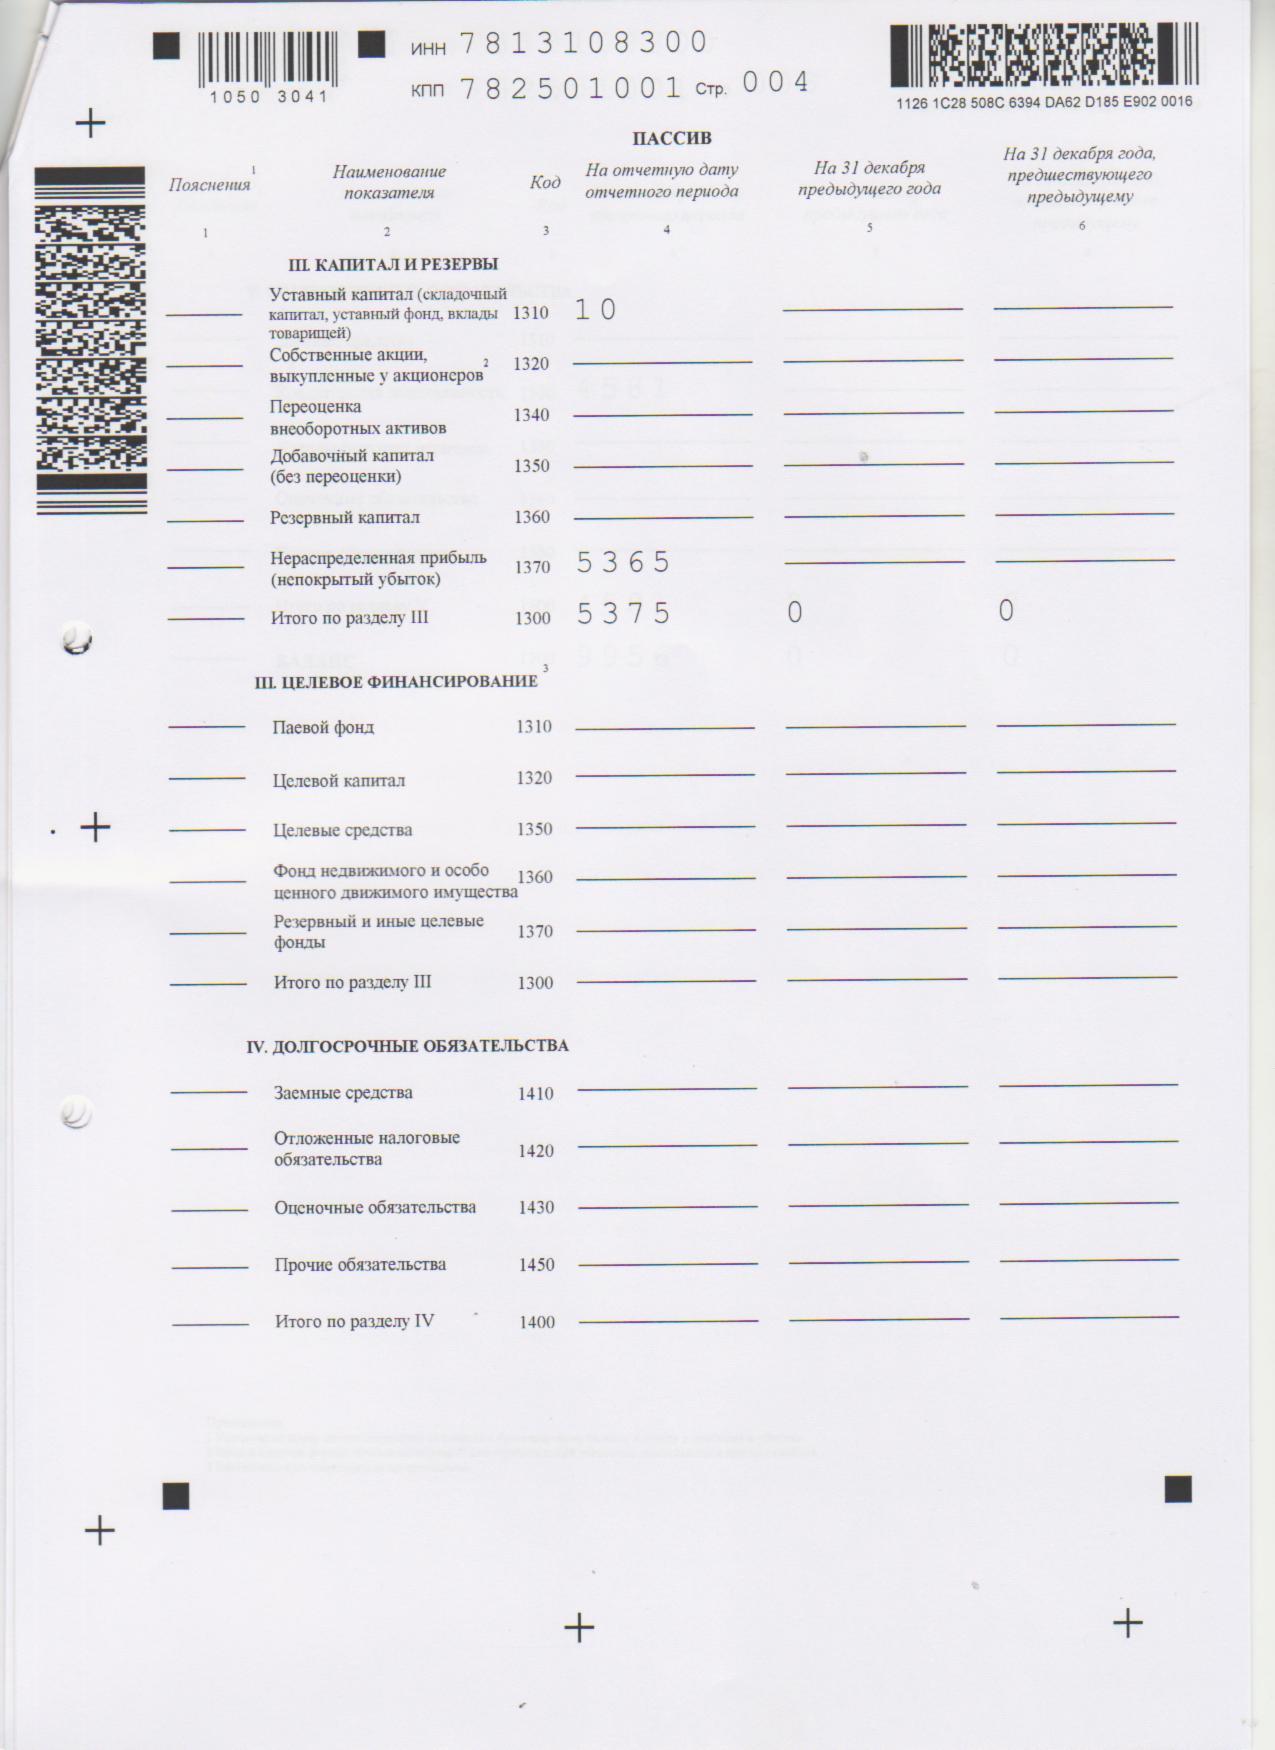 Бухгалтерская отчетность 2012 стр 4